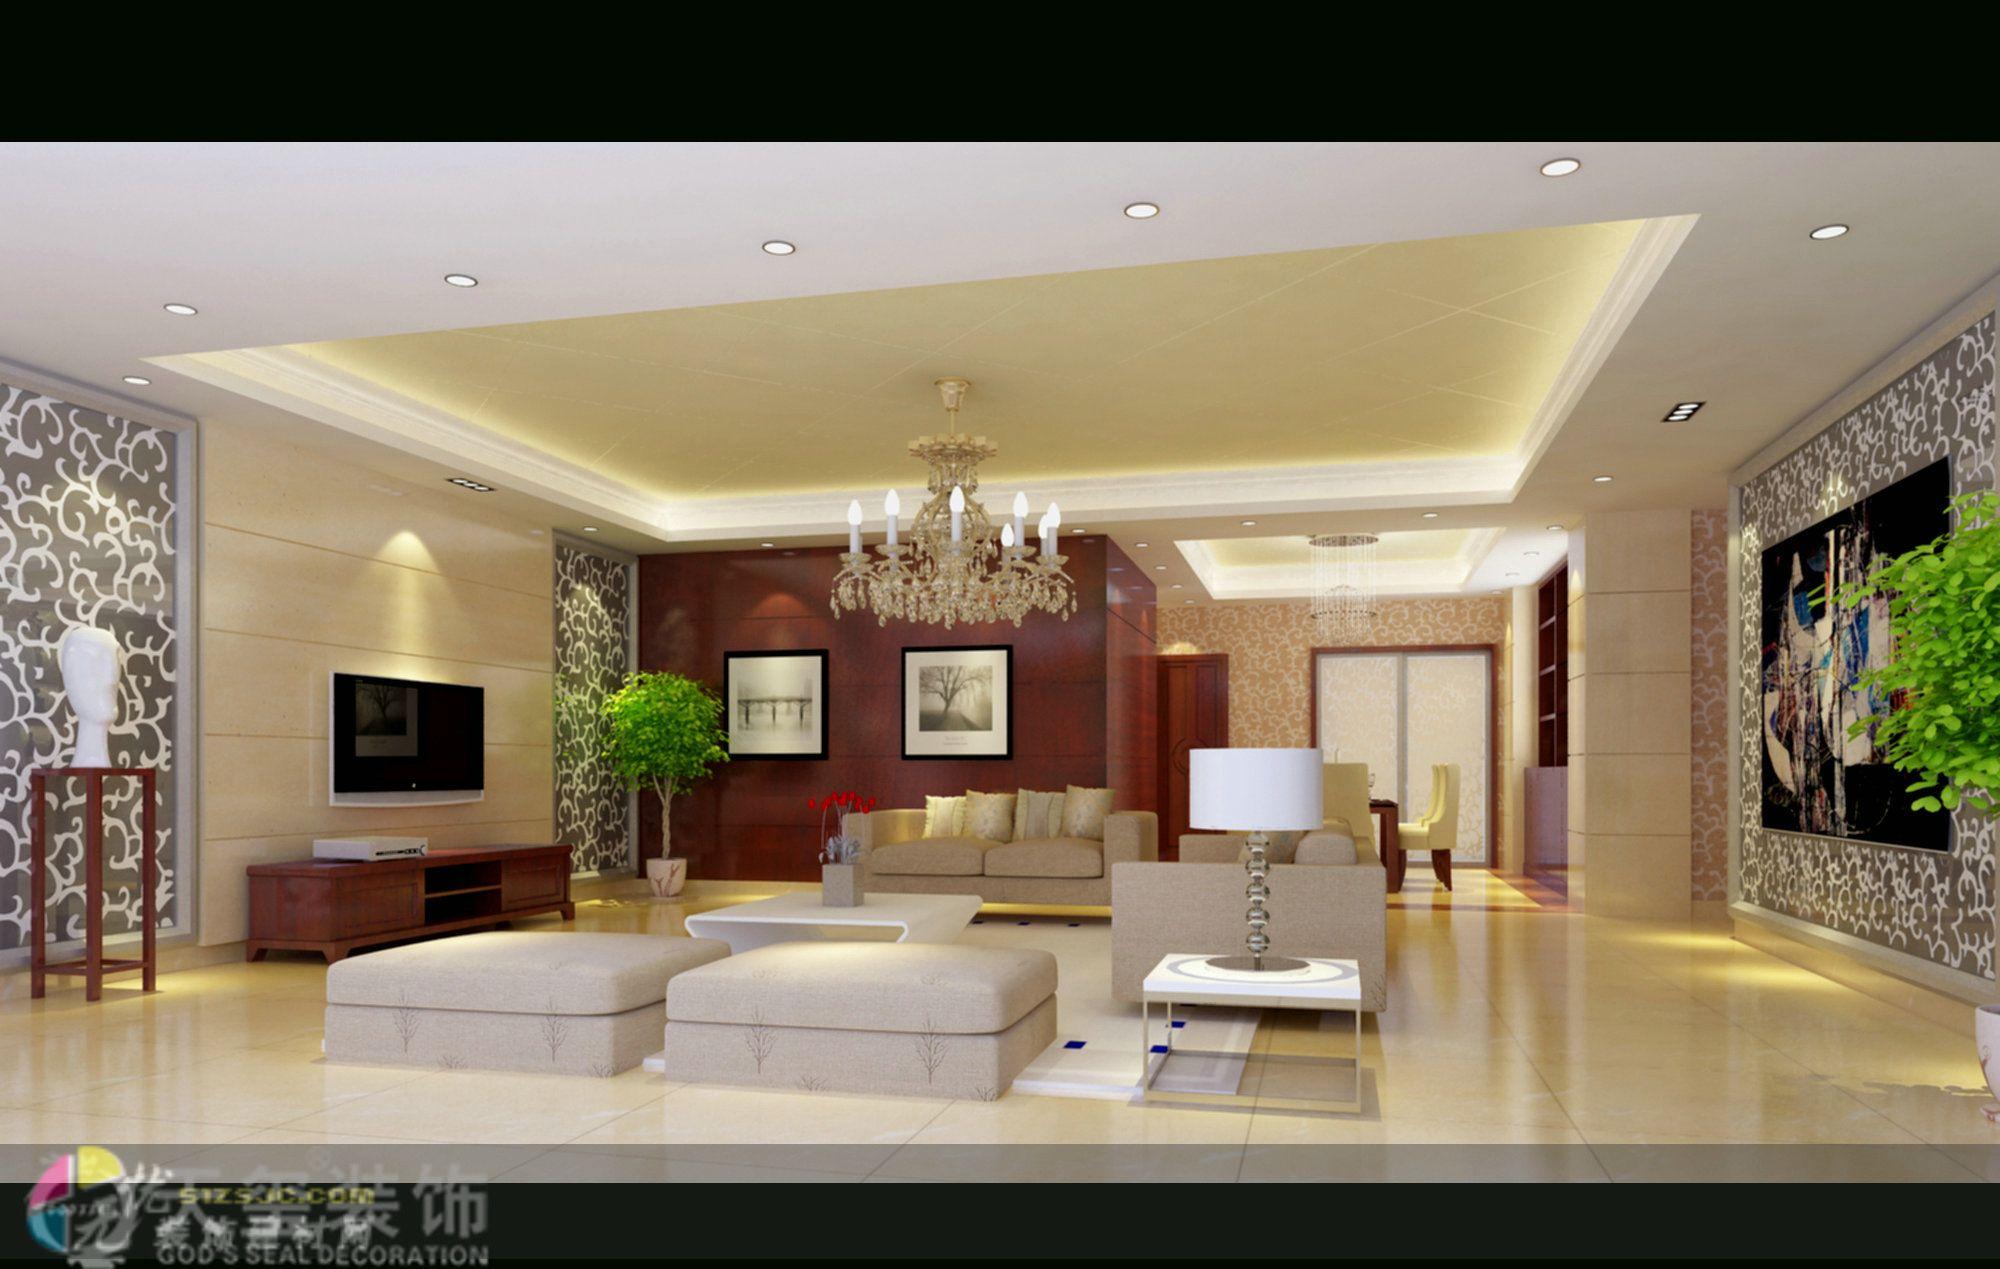 图片标题:书院官邸现代简约中式风格装修